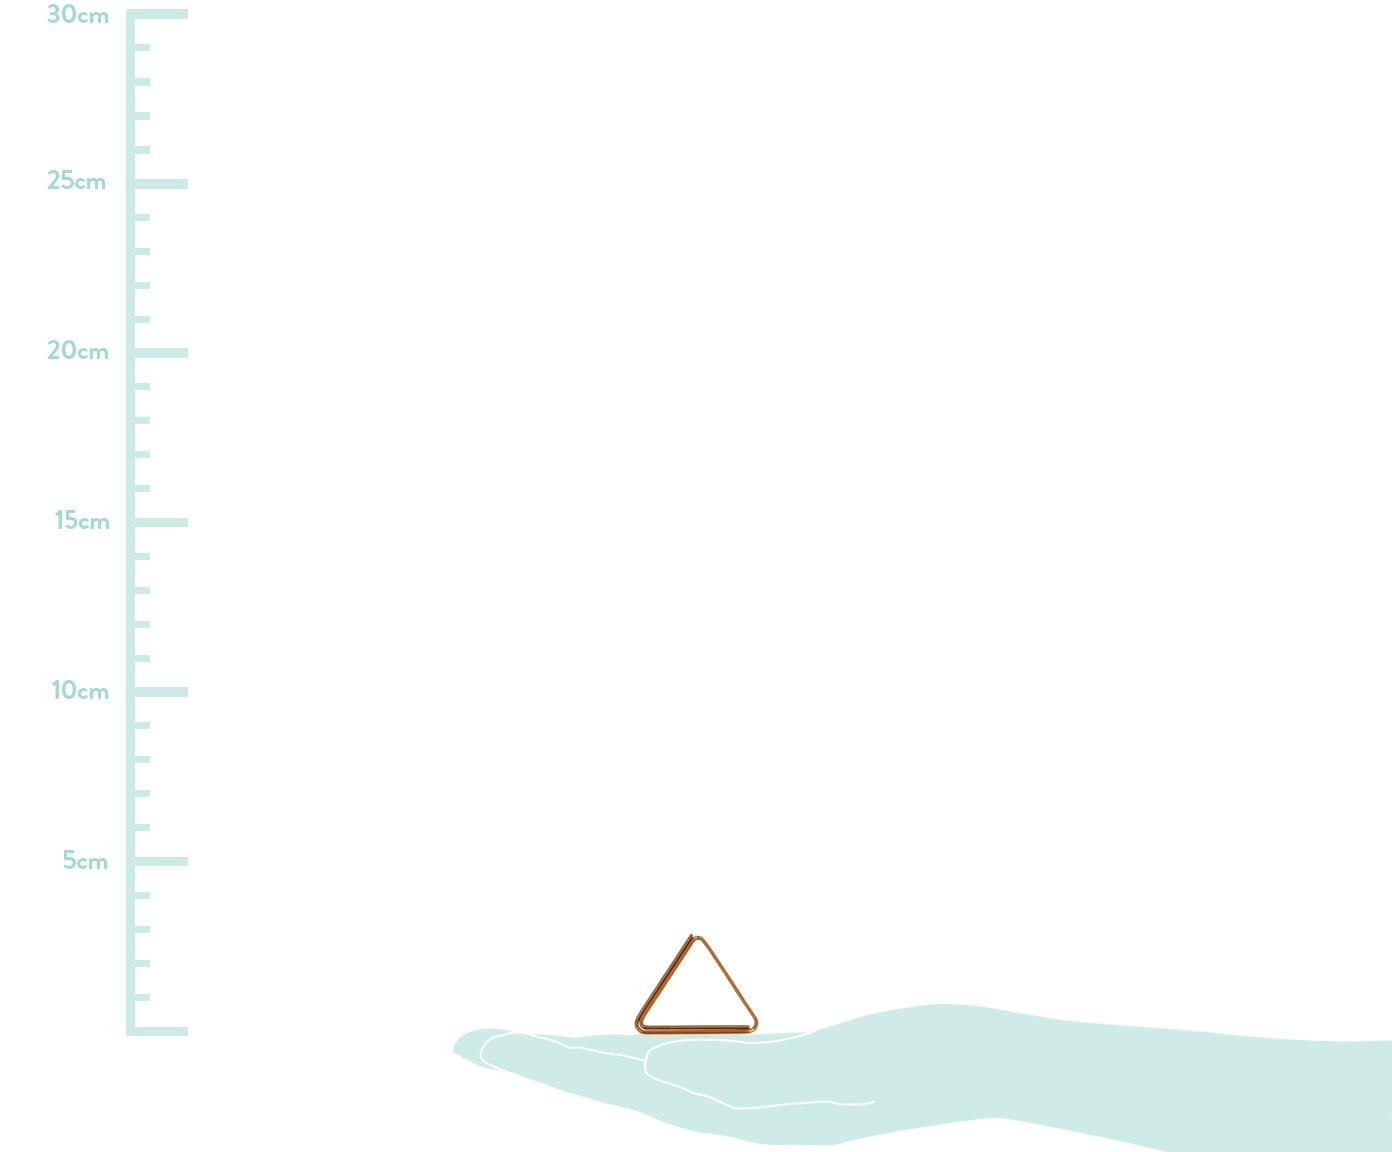 Büroklammern-Set Geometria, 9-tlg., Metall, lackiert, Kupferfarben, 3 x 3 cm